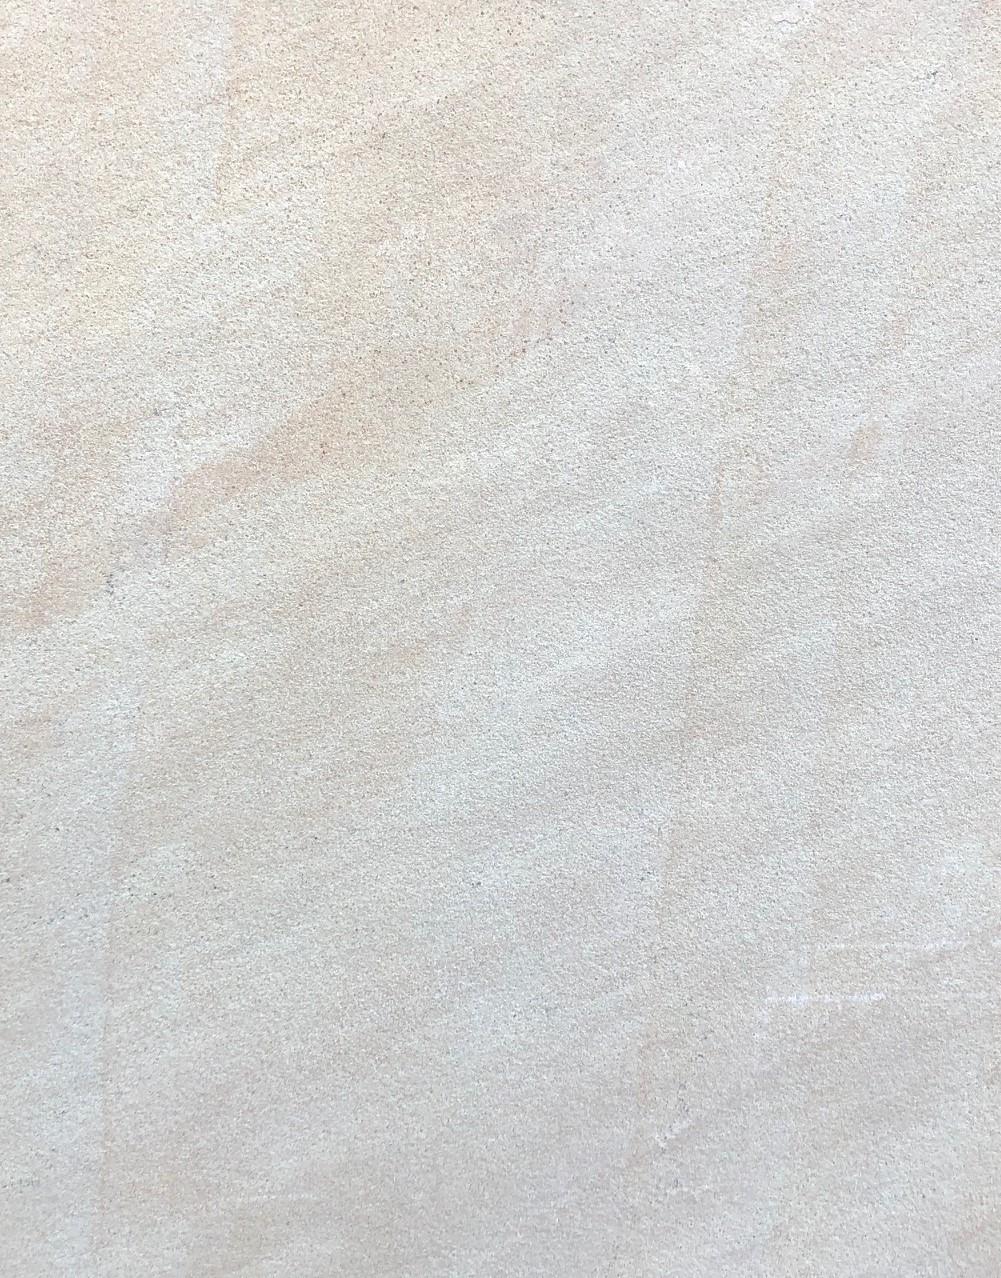 Barmer Sandstone